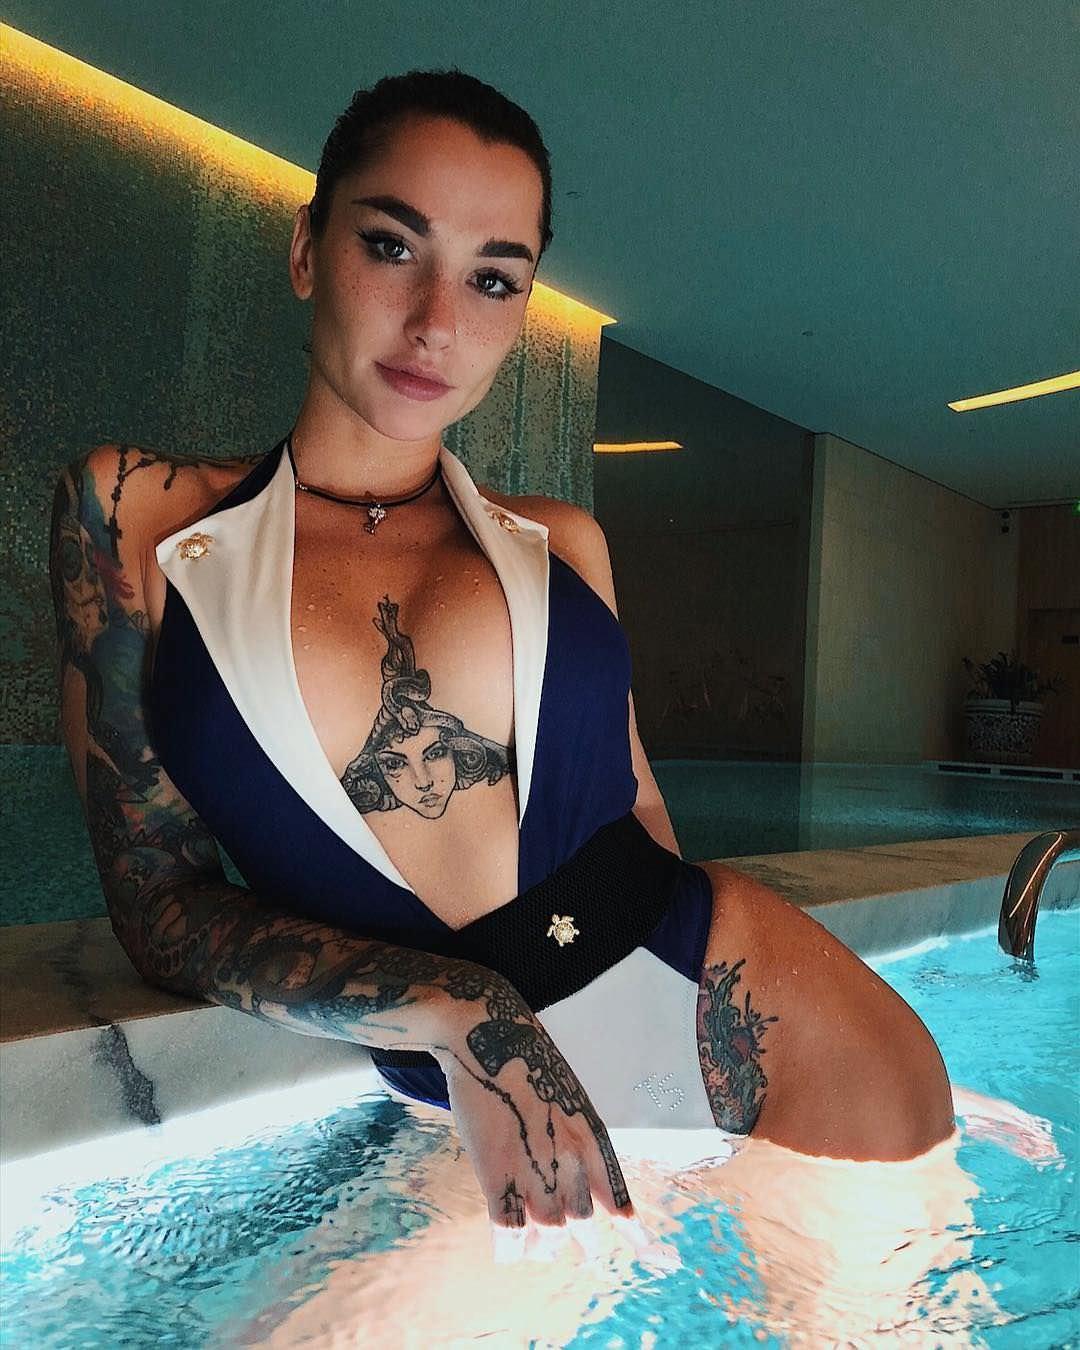 Анжелика Андерсон фото в воде